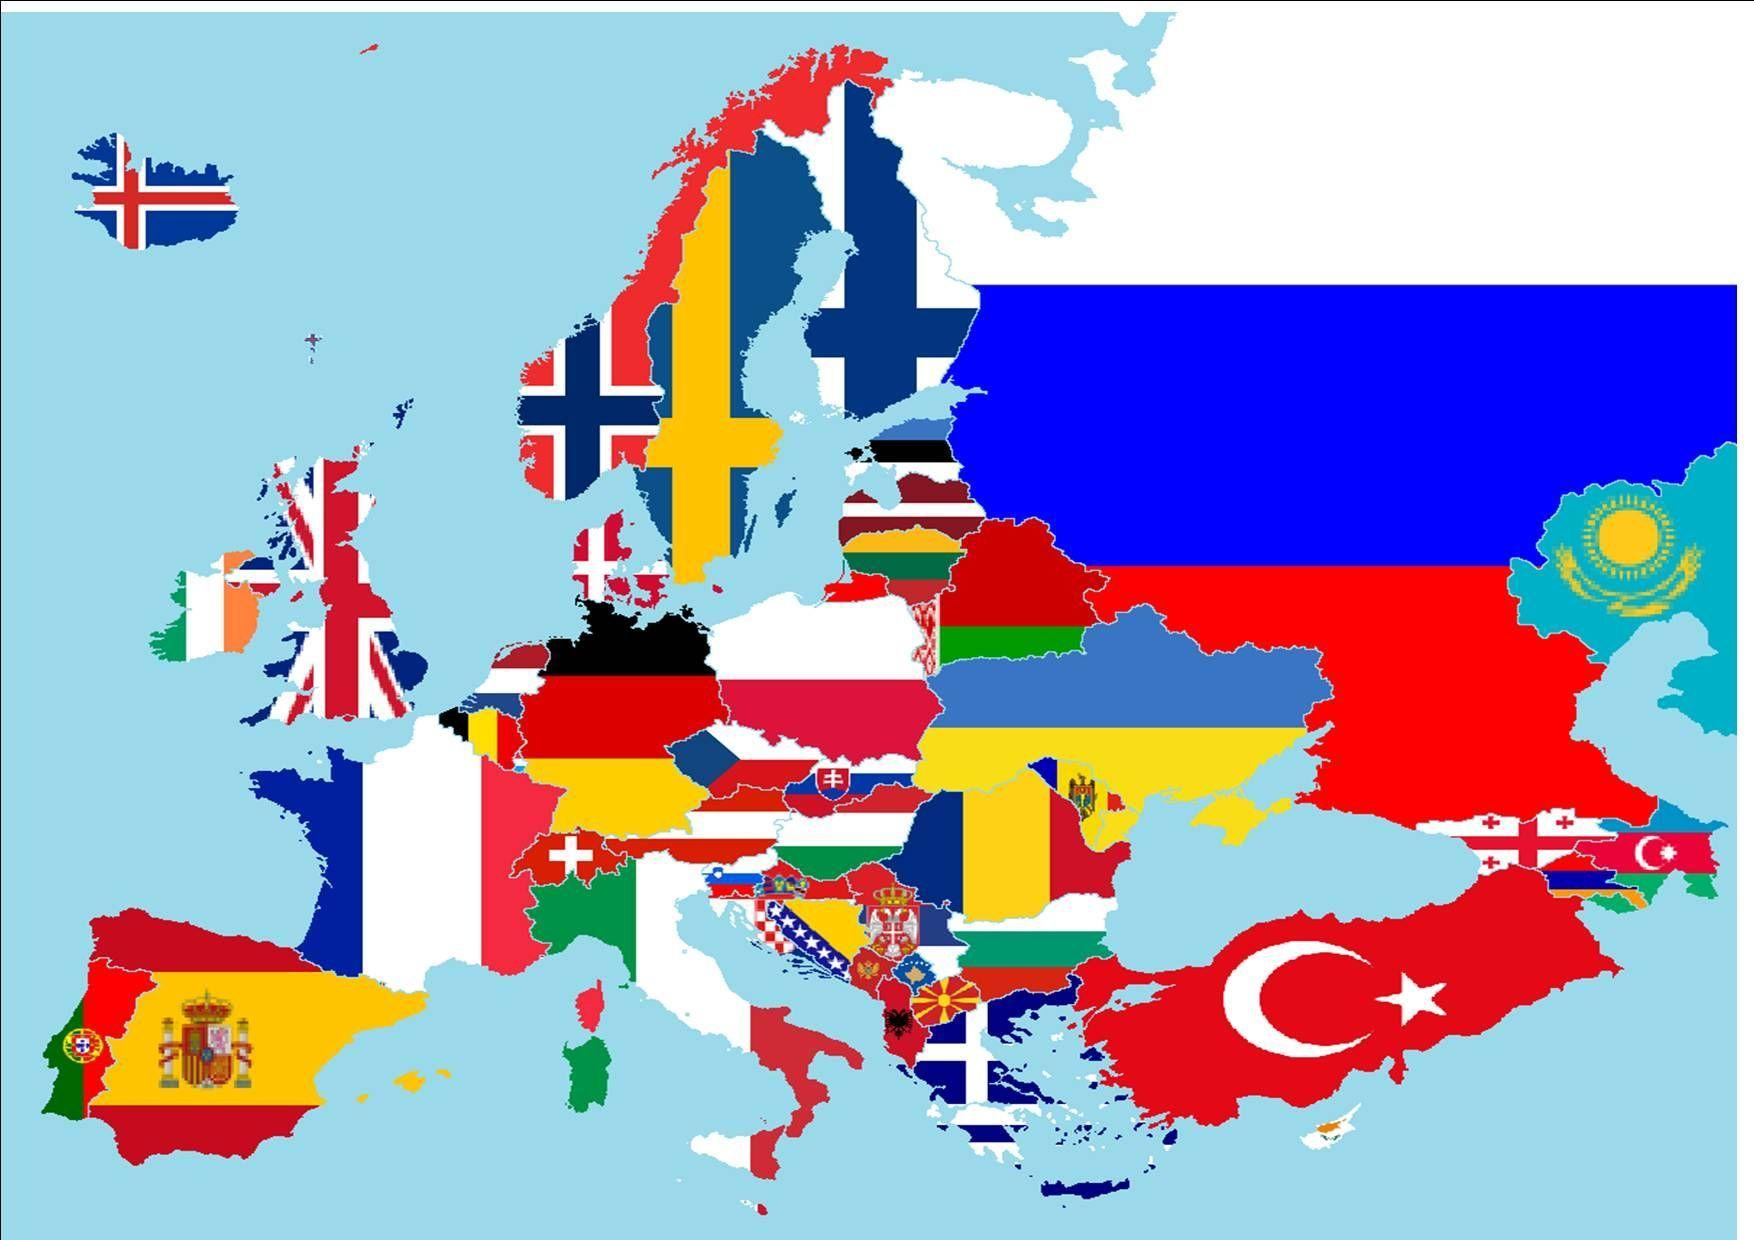 11458 - Televisiones europeas ¿sabes a qué país pertenecen?